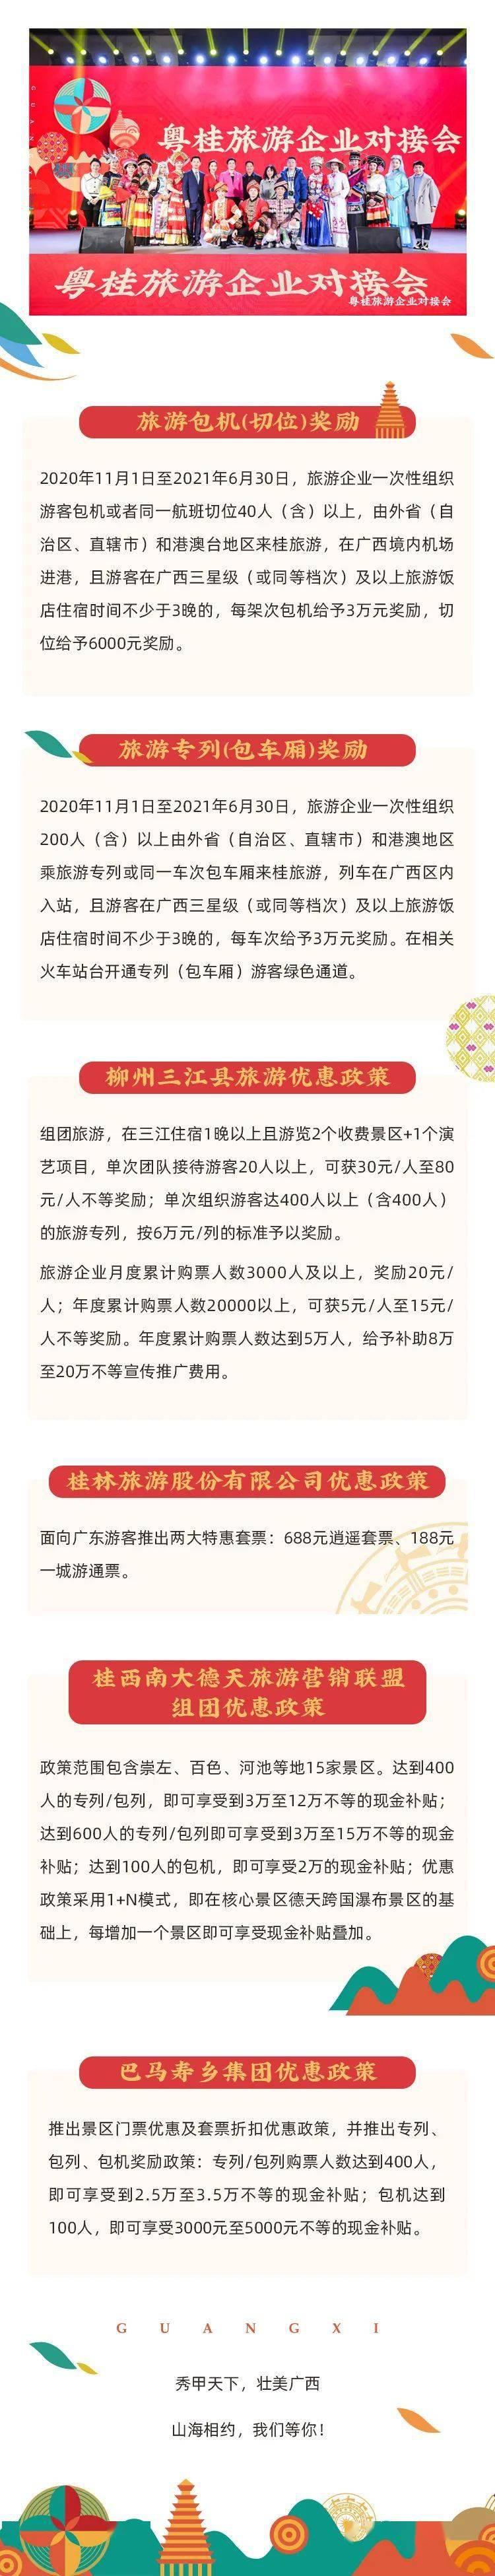 头条|两广一家亲,粤桂文旅企业携手乘风破浪